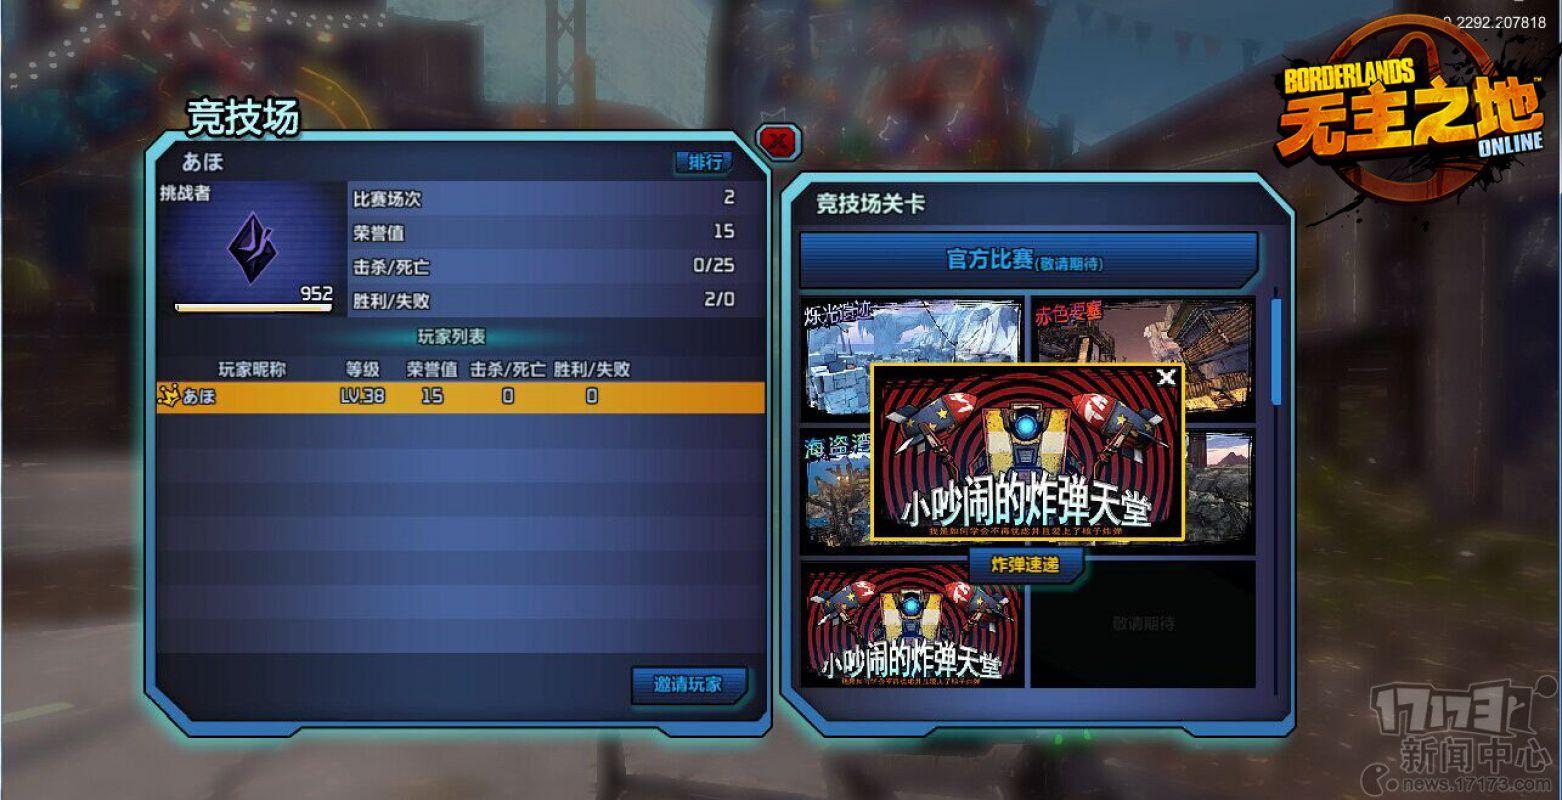 Информация о втором ЗБТ Borderlands Online и пачка свежих скриншотов